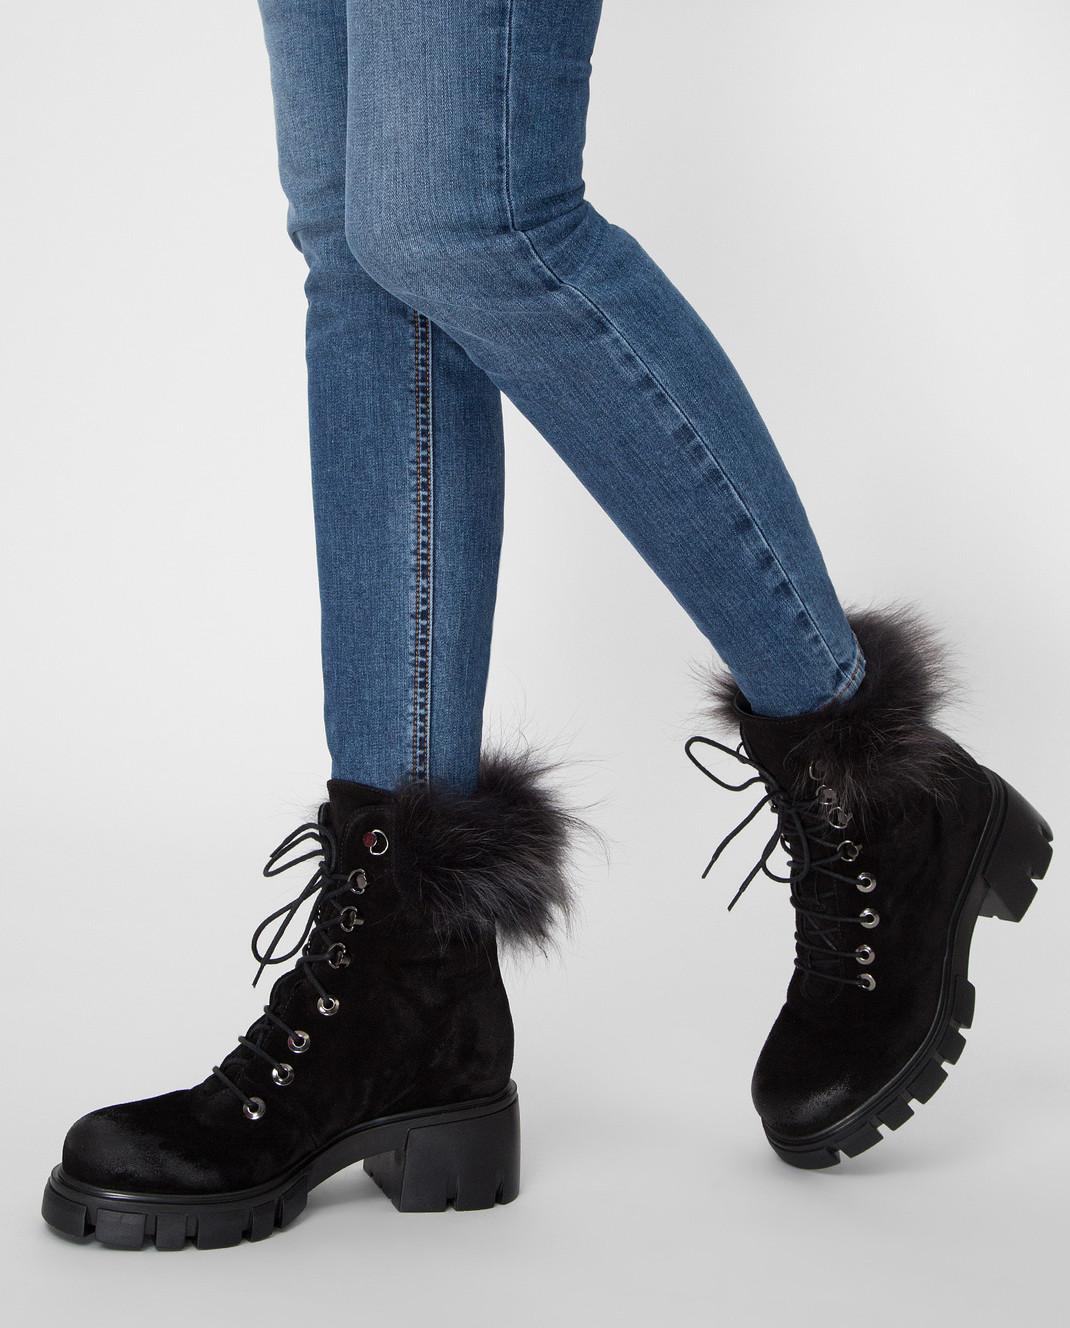 Fru it Черные замшевые ботинки 5125M изображение 2